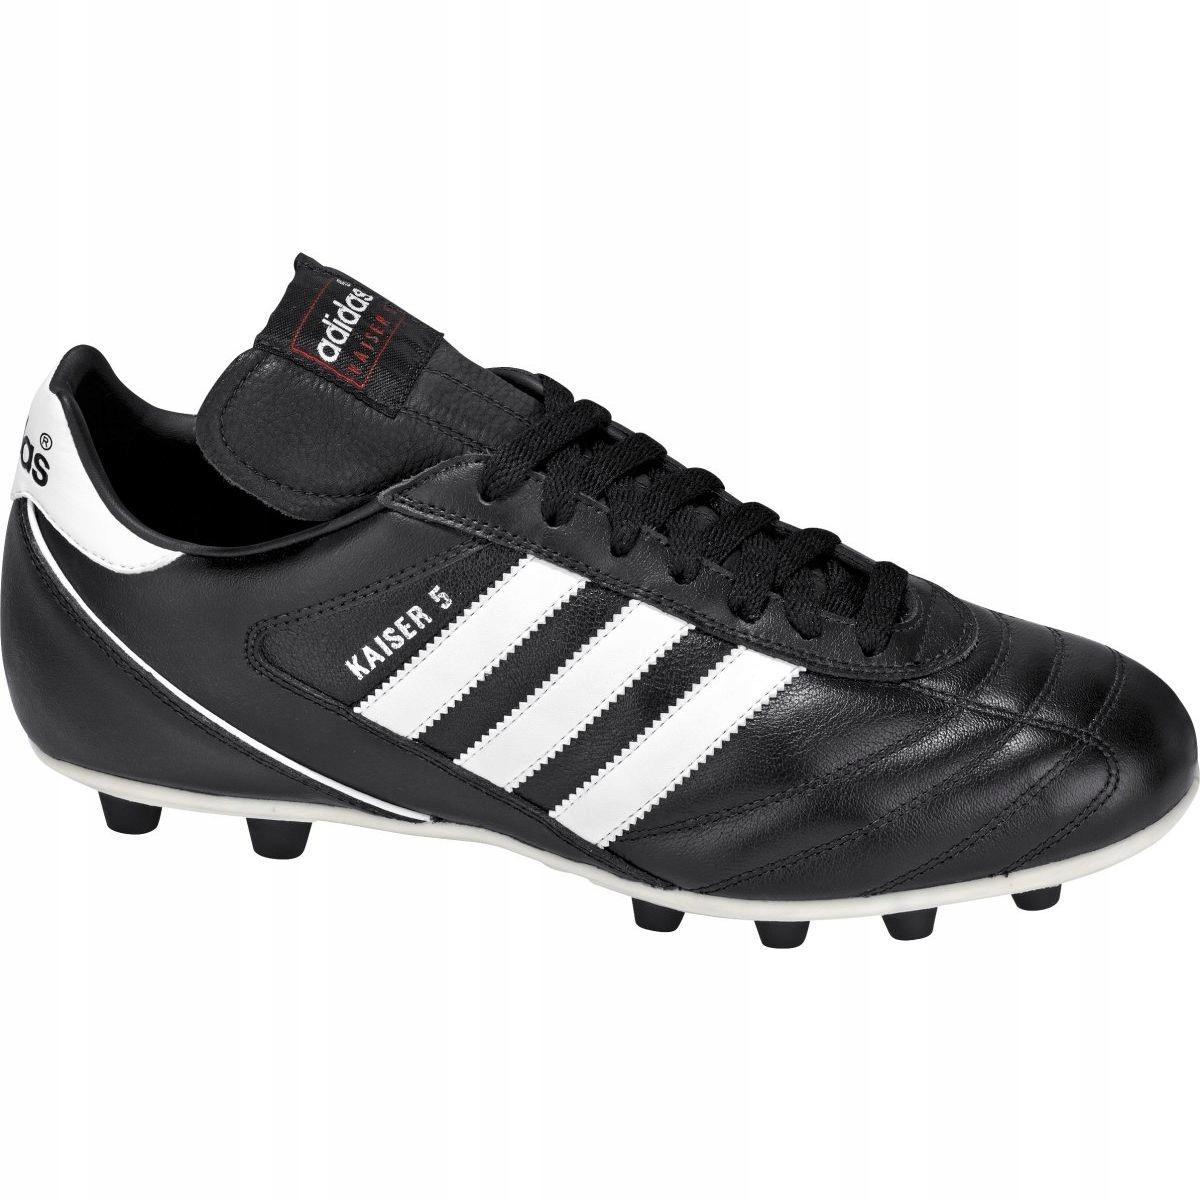 bieten eine große Auswahl an 60% günstig Kaufen Sie Authentic Details about Football boots adidas Kaiser 5 Liga Fg 033201